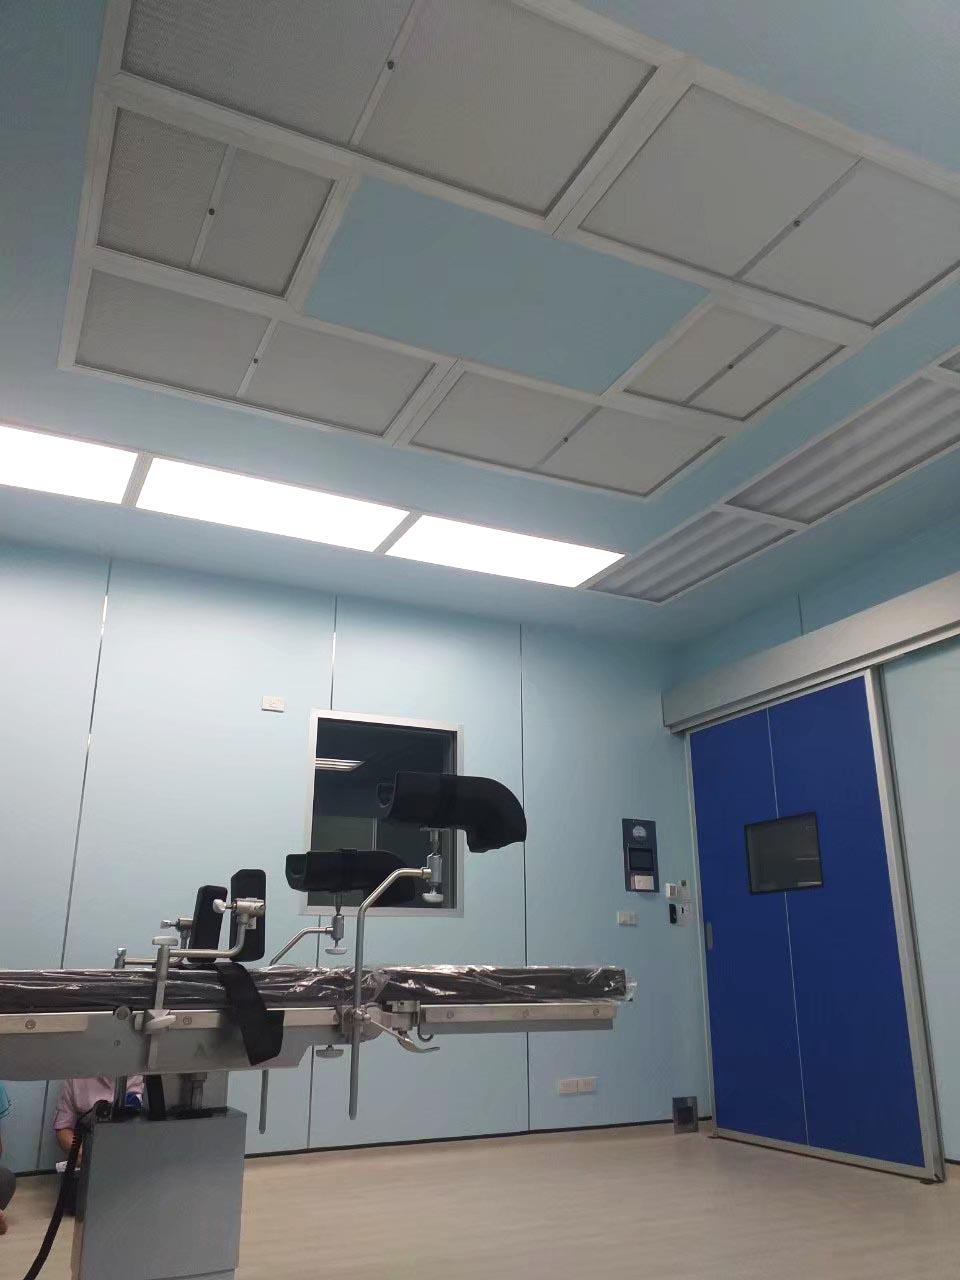 โรงพยาบาลบางเลน_210503_3